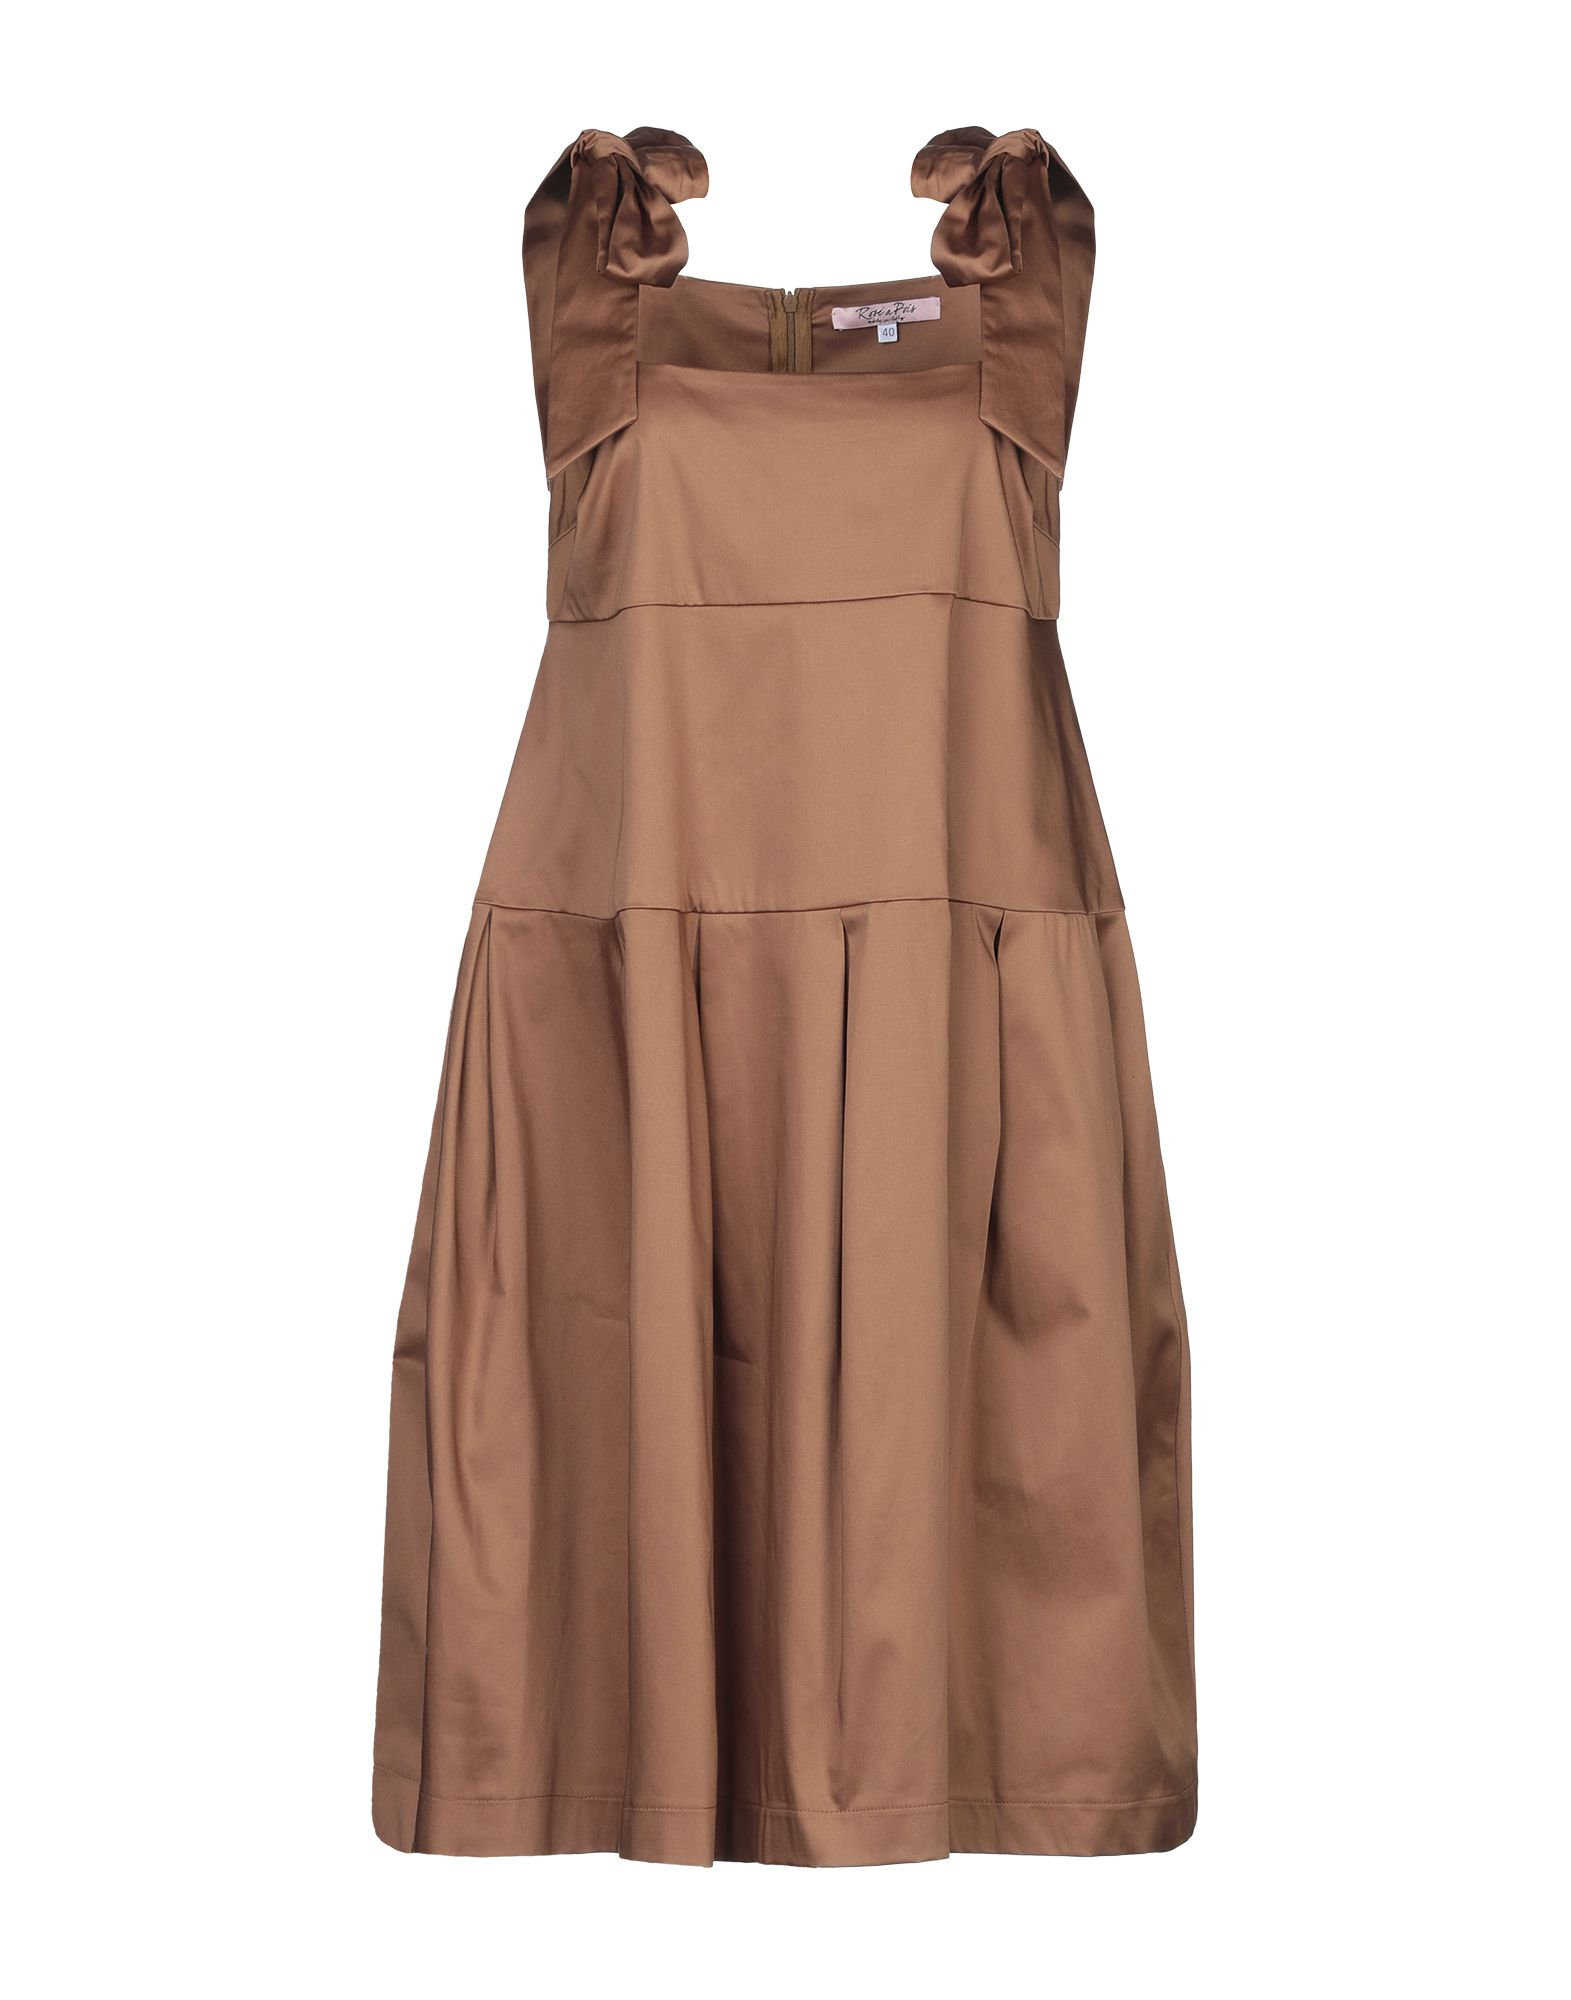 ROSE' A POIS Платье до колена комплект фототюля тамитекс инстинкт